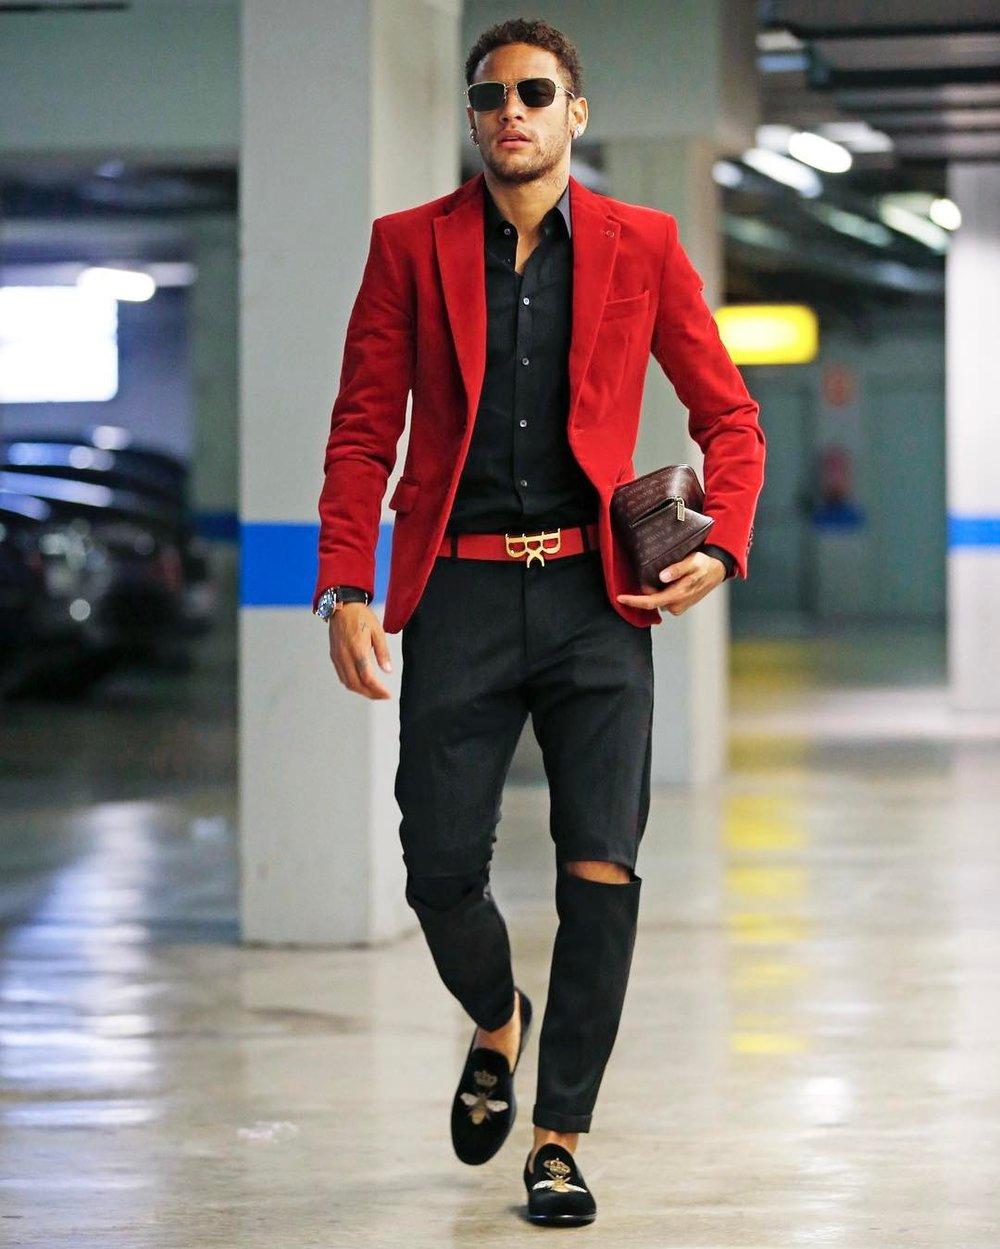 Novamente o exagero de informação. Blazer e cinto vermelho, calça de alfaiataria rasgada e o sapato com bordado. Vale elogiar a escolha dos óculos, da camisa e o cabelo, que tava um pouco mais comportado.